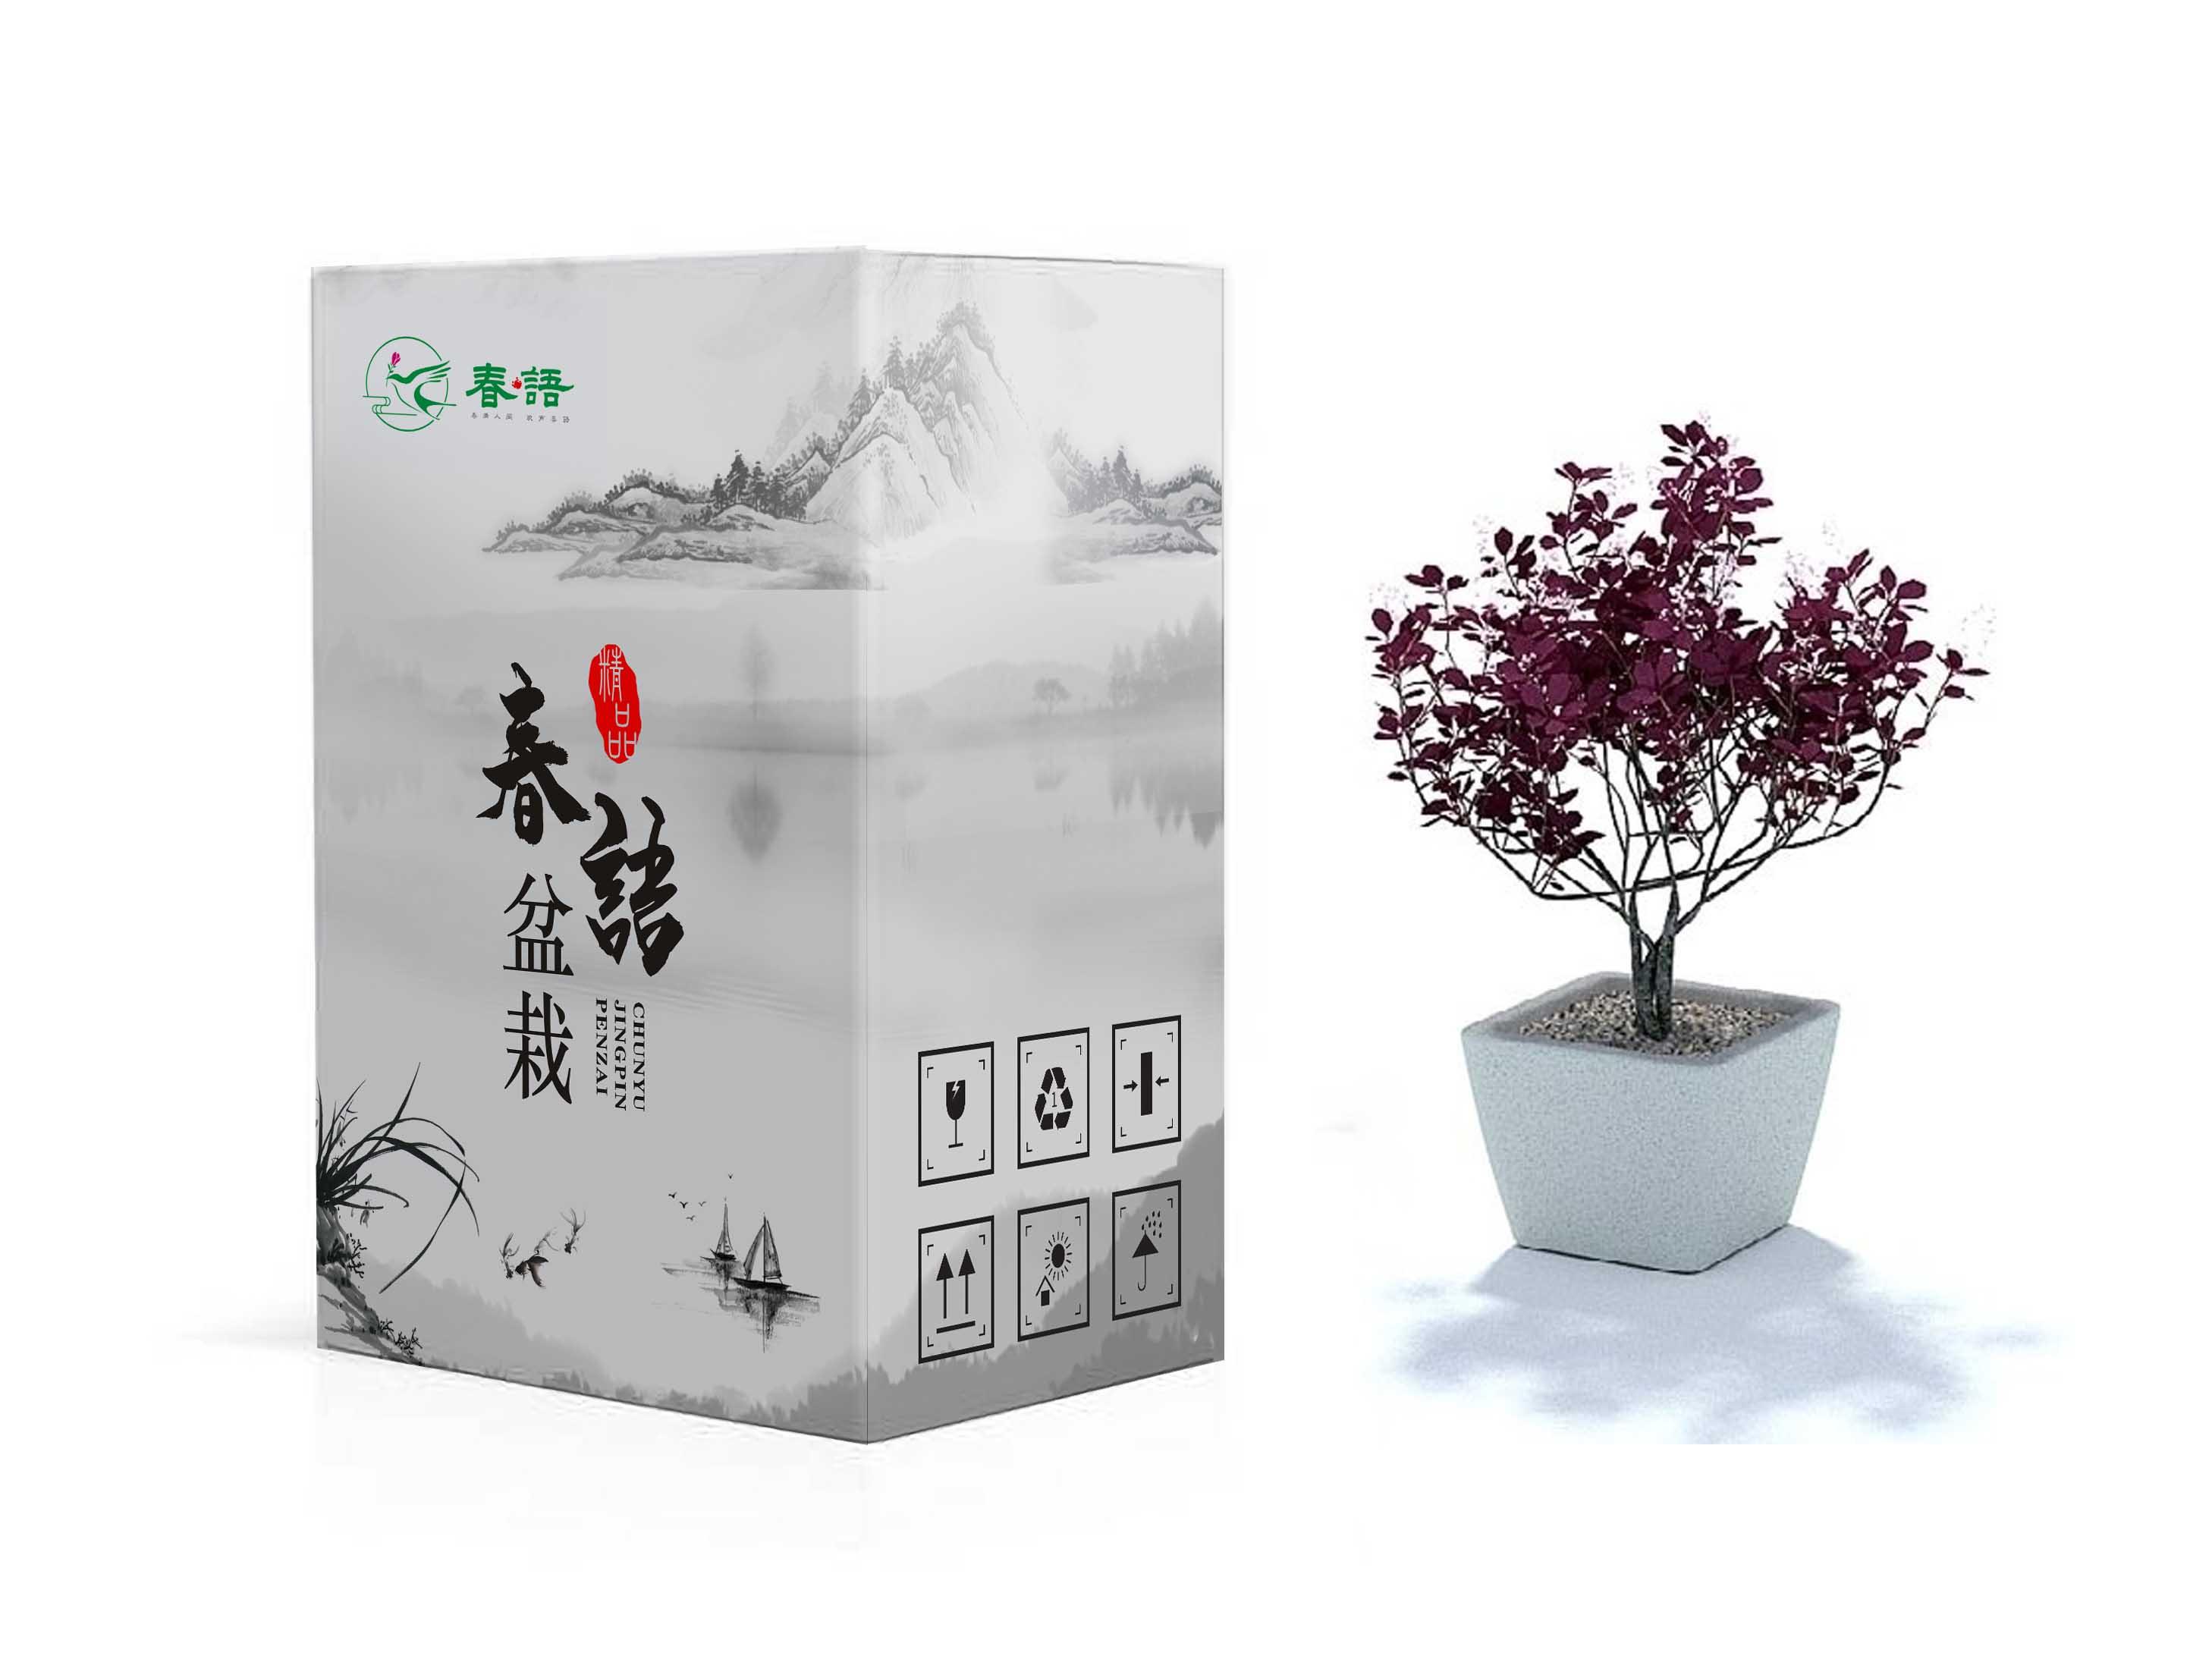 纸箱包装排版设计_3034802_k68威客网